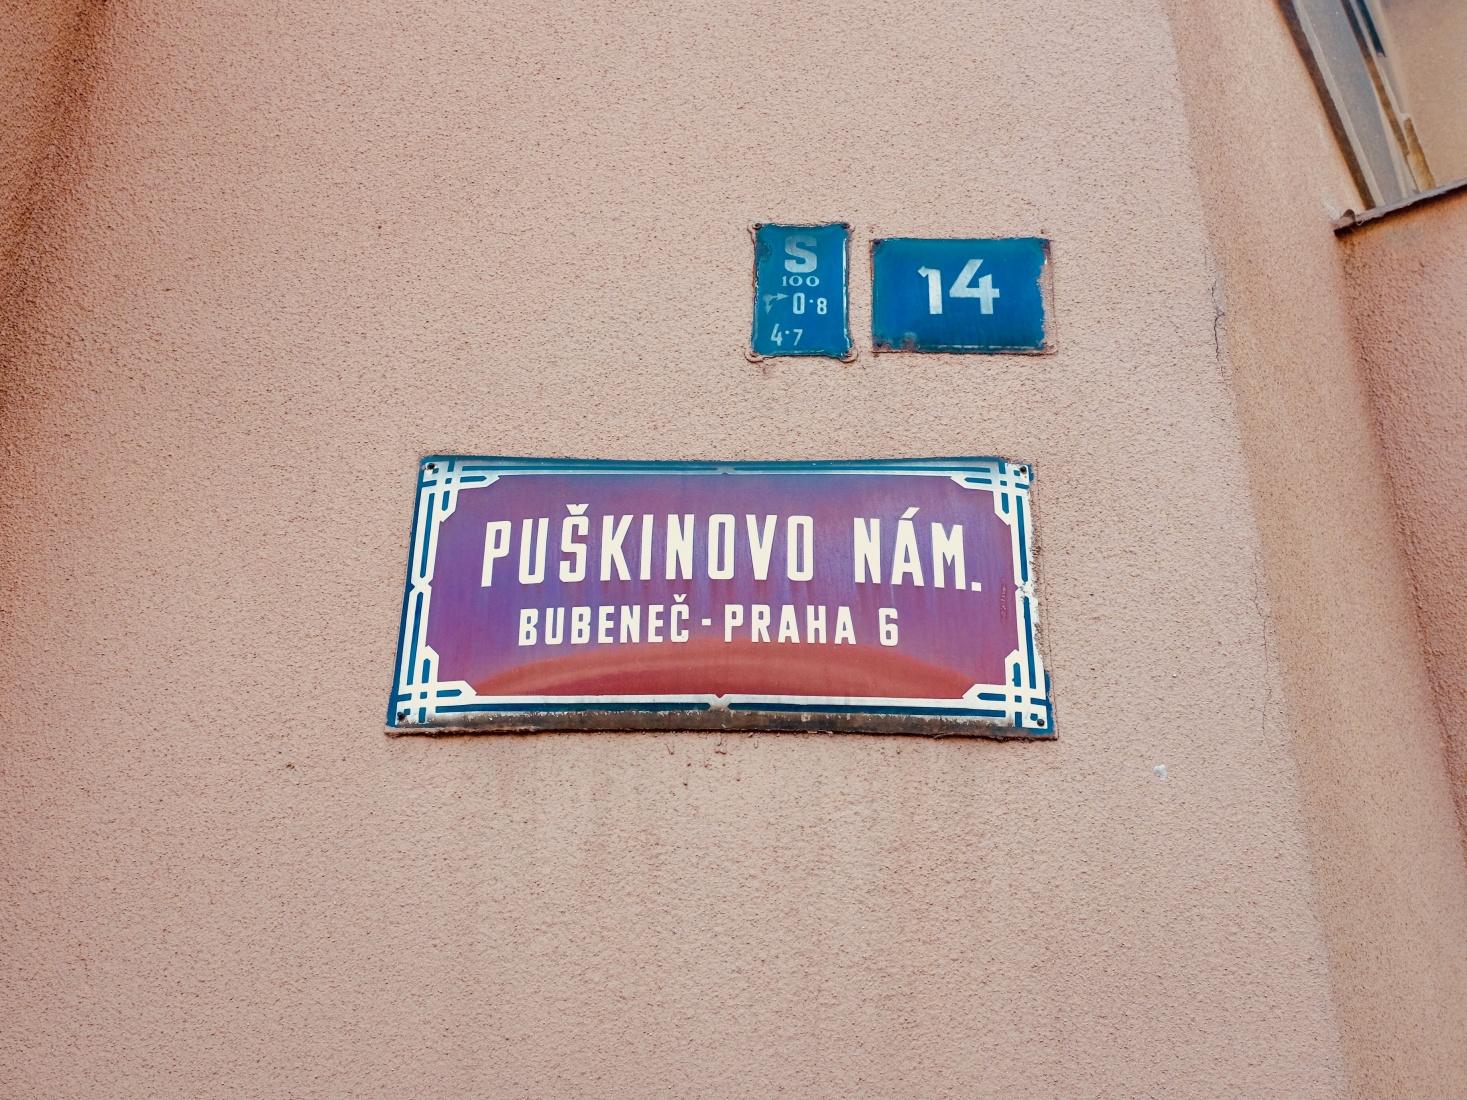 Pushkin Square, Puškinovo náměstí, in Prague, Bubeneč, named for Russian writer Alexander Pushkin, near Siberia Square, Sibiřské náměstí.